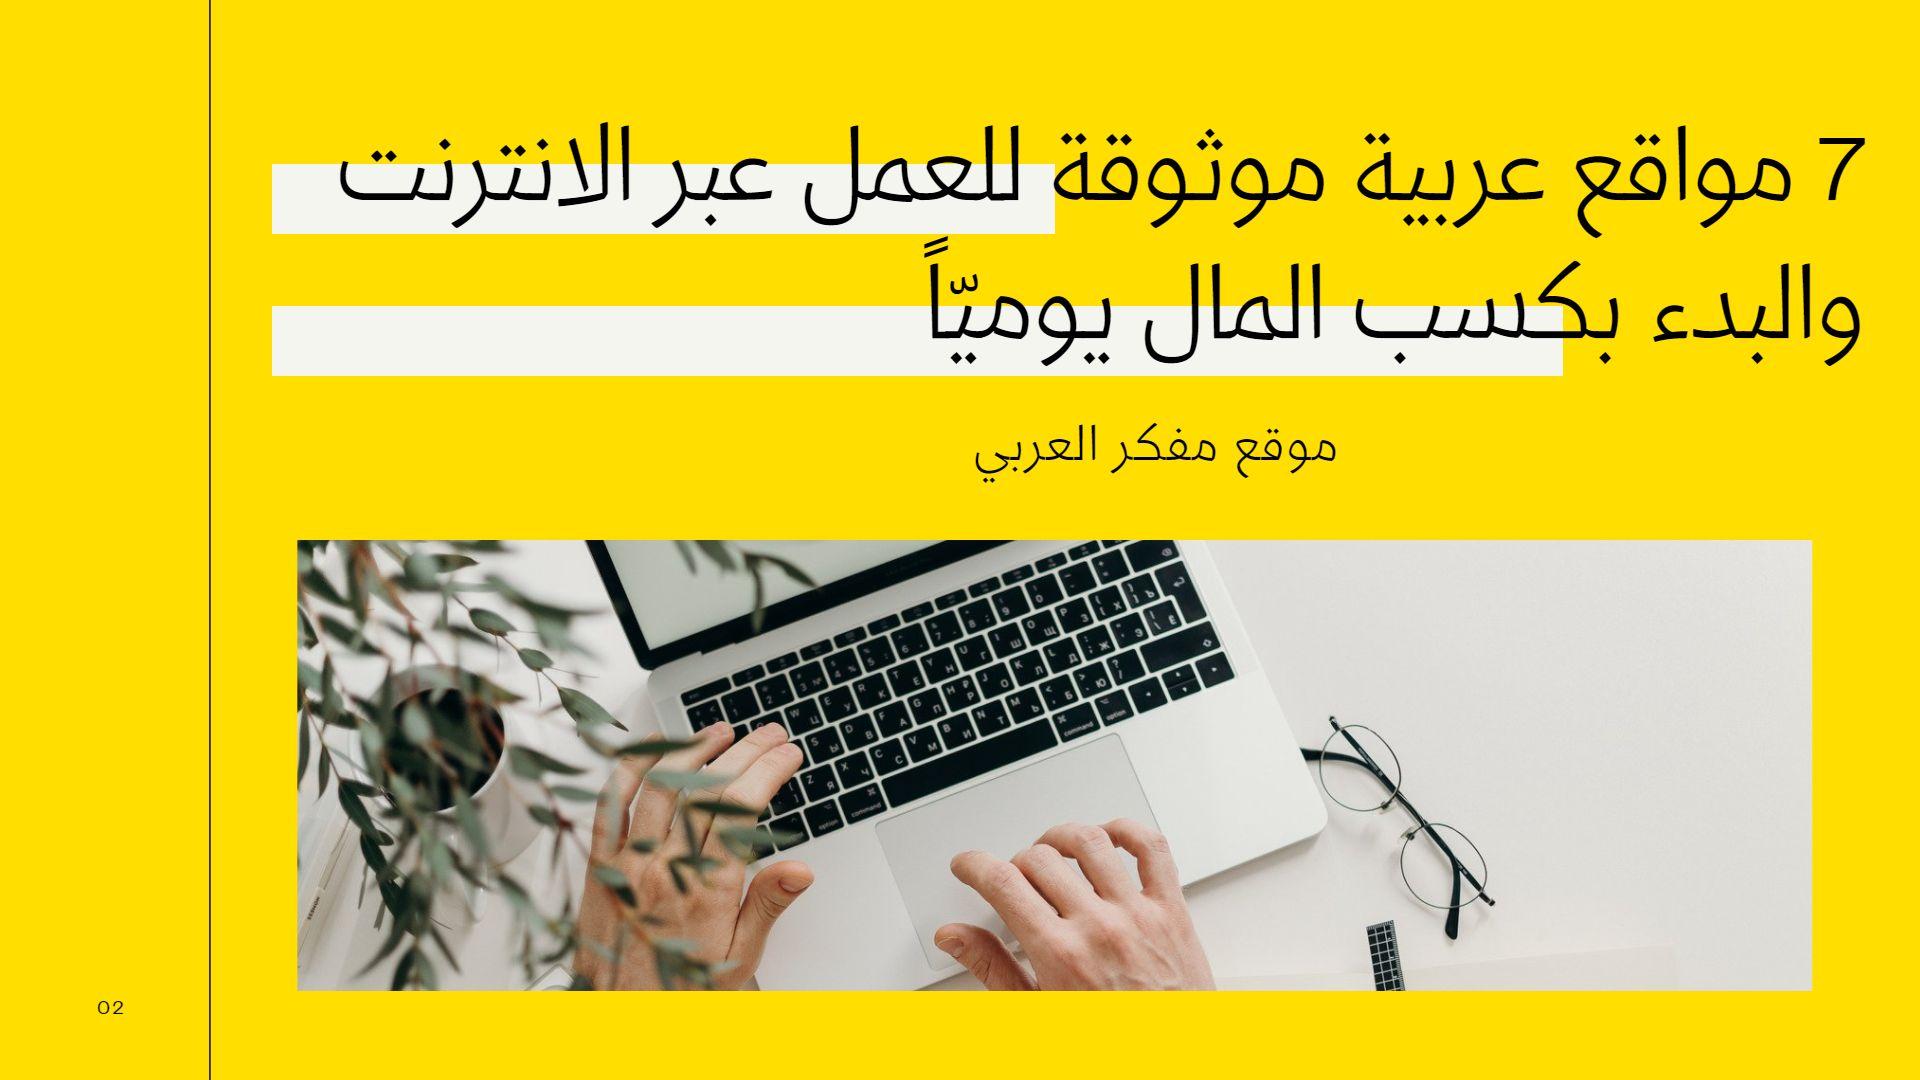 7 مواقع عربية موثوقة للعمل عبر الانترنت والبدء بكسب المال يوميّاً